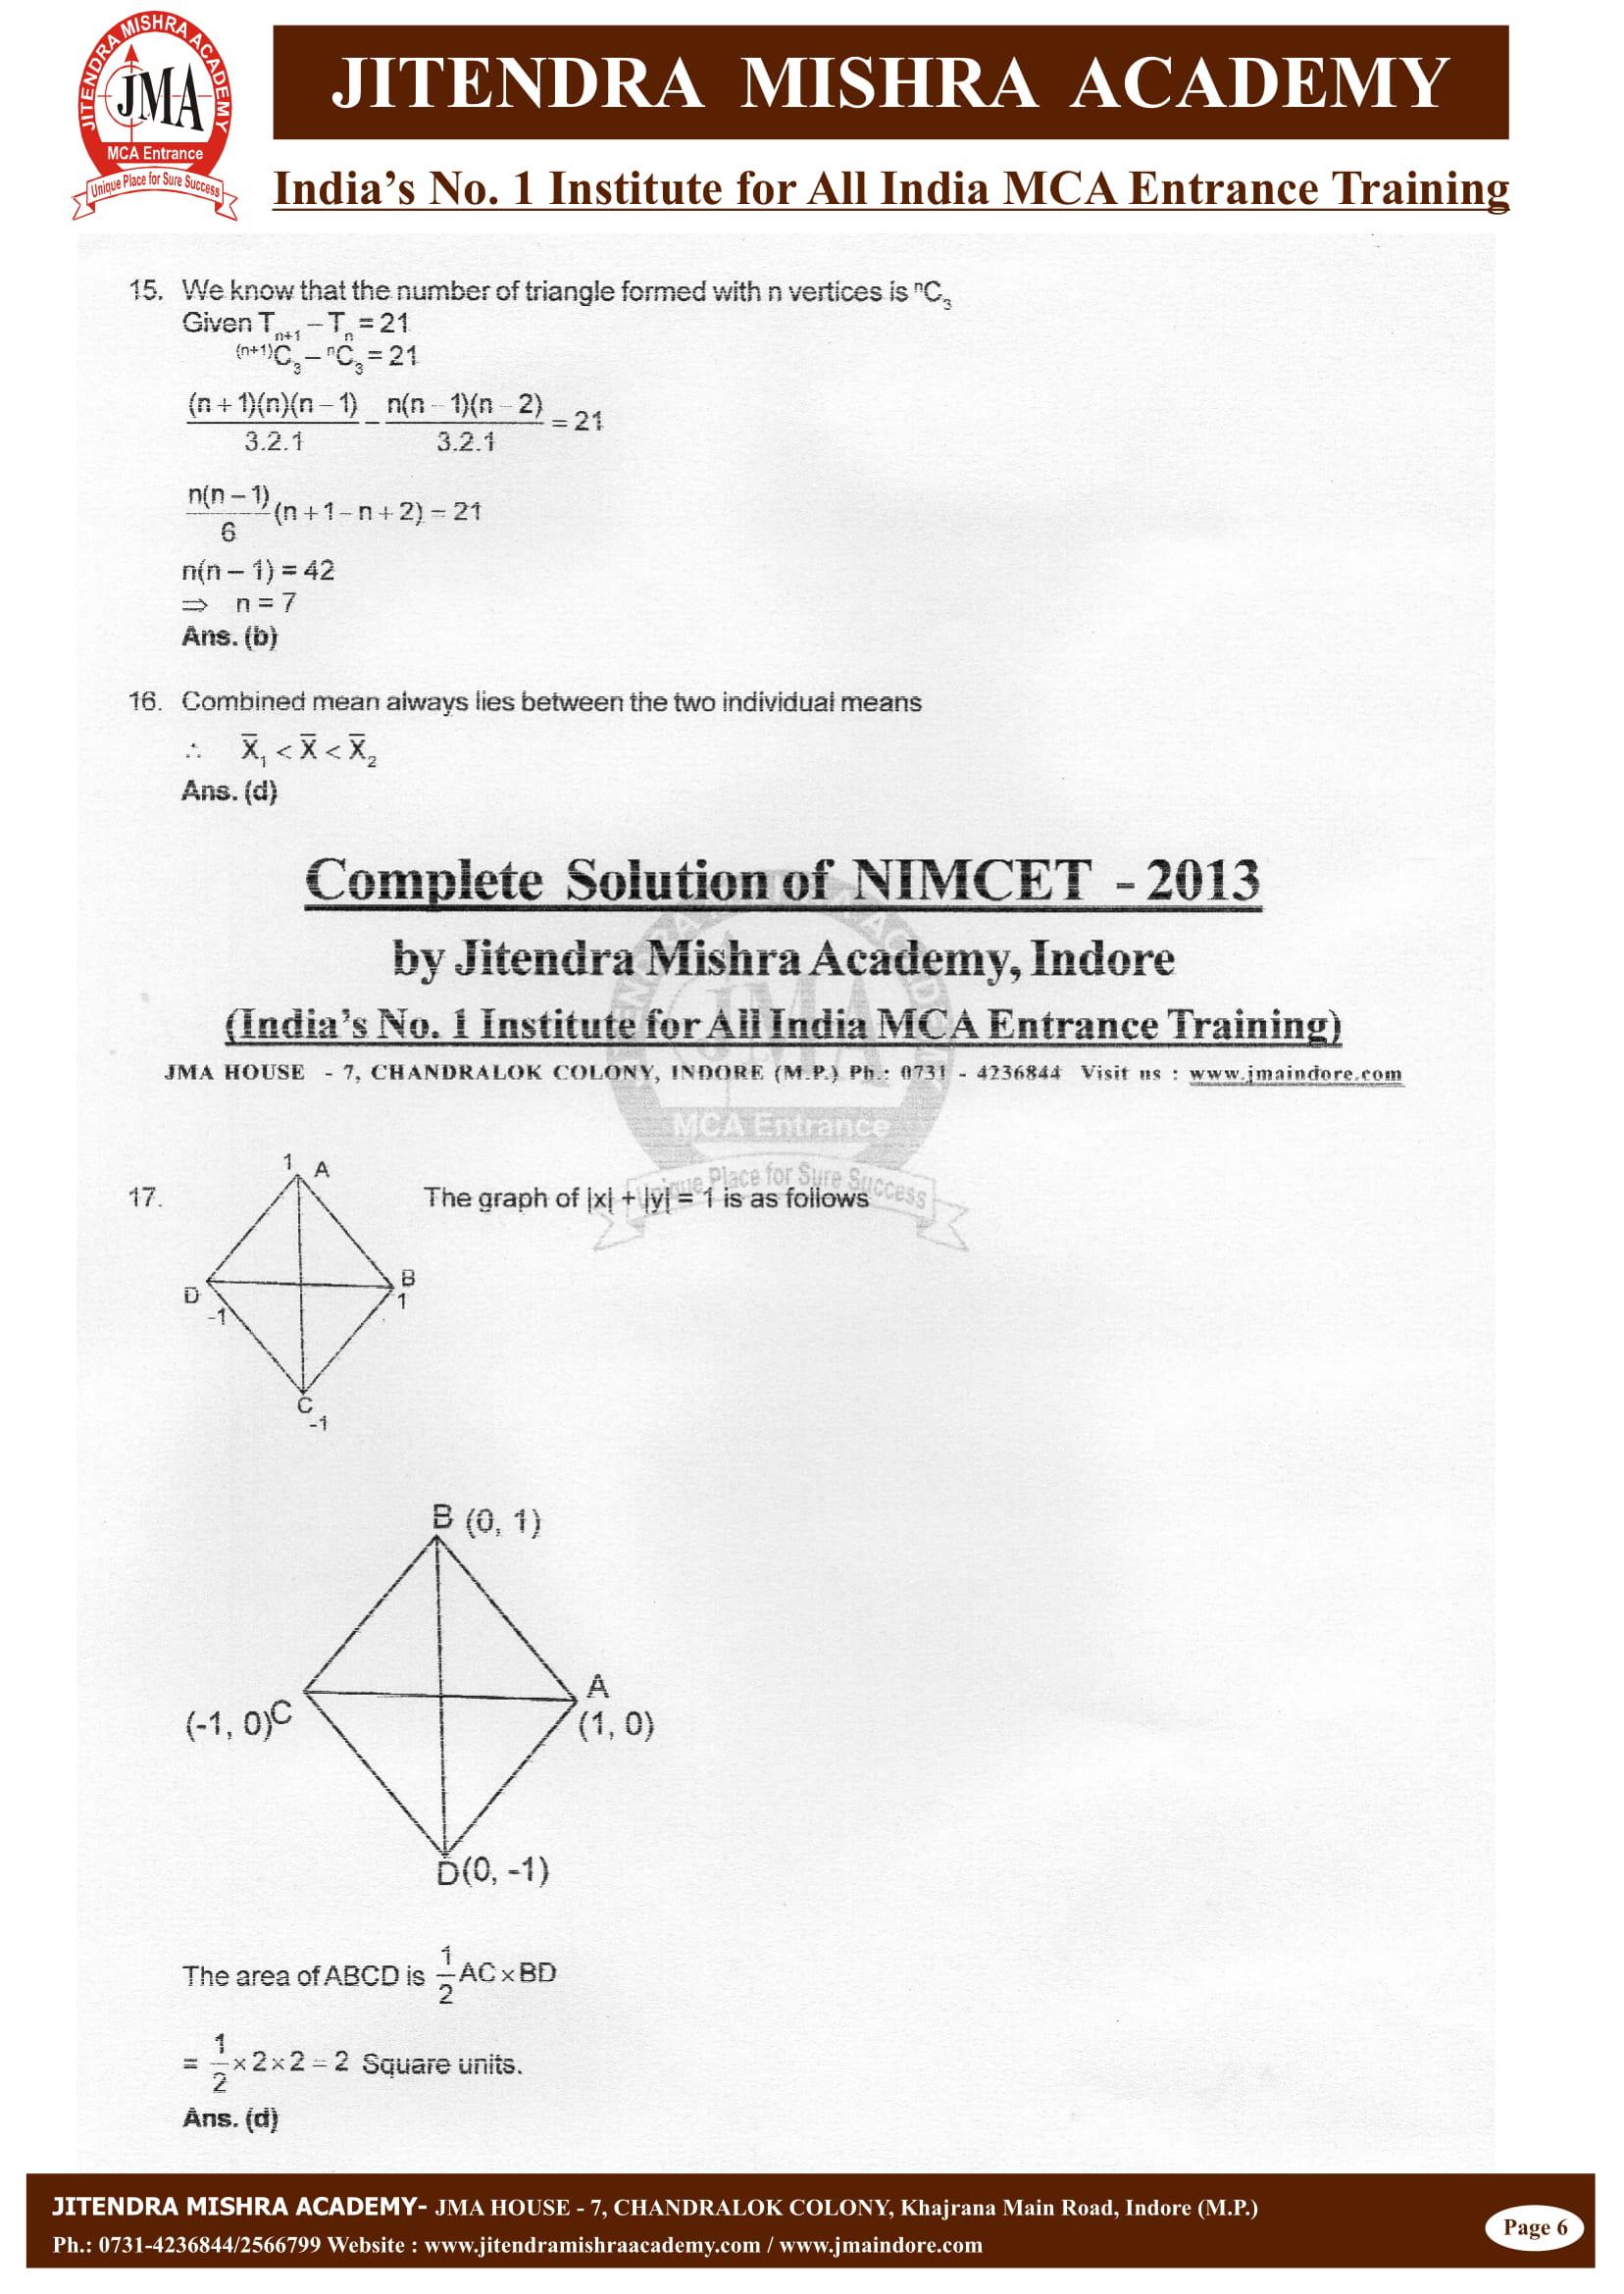 NIMCET - 2013 (SOLUTION)-06